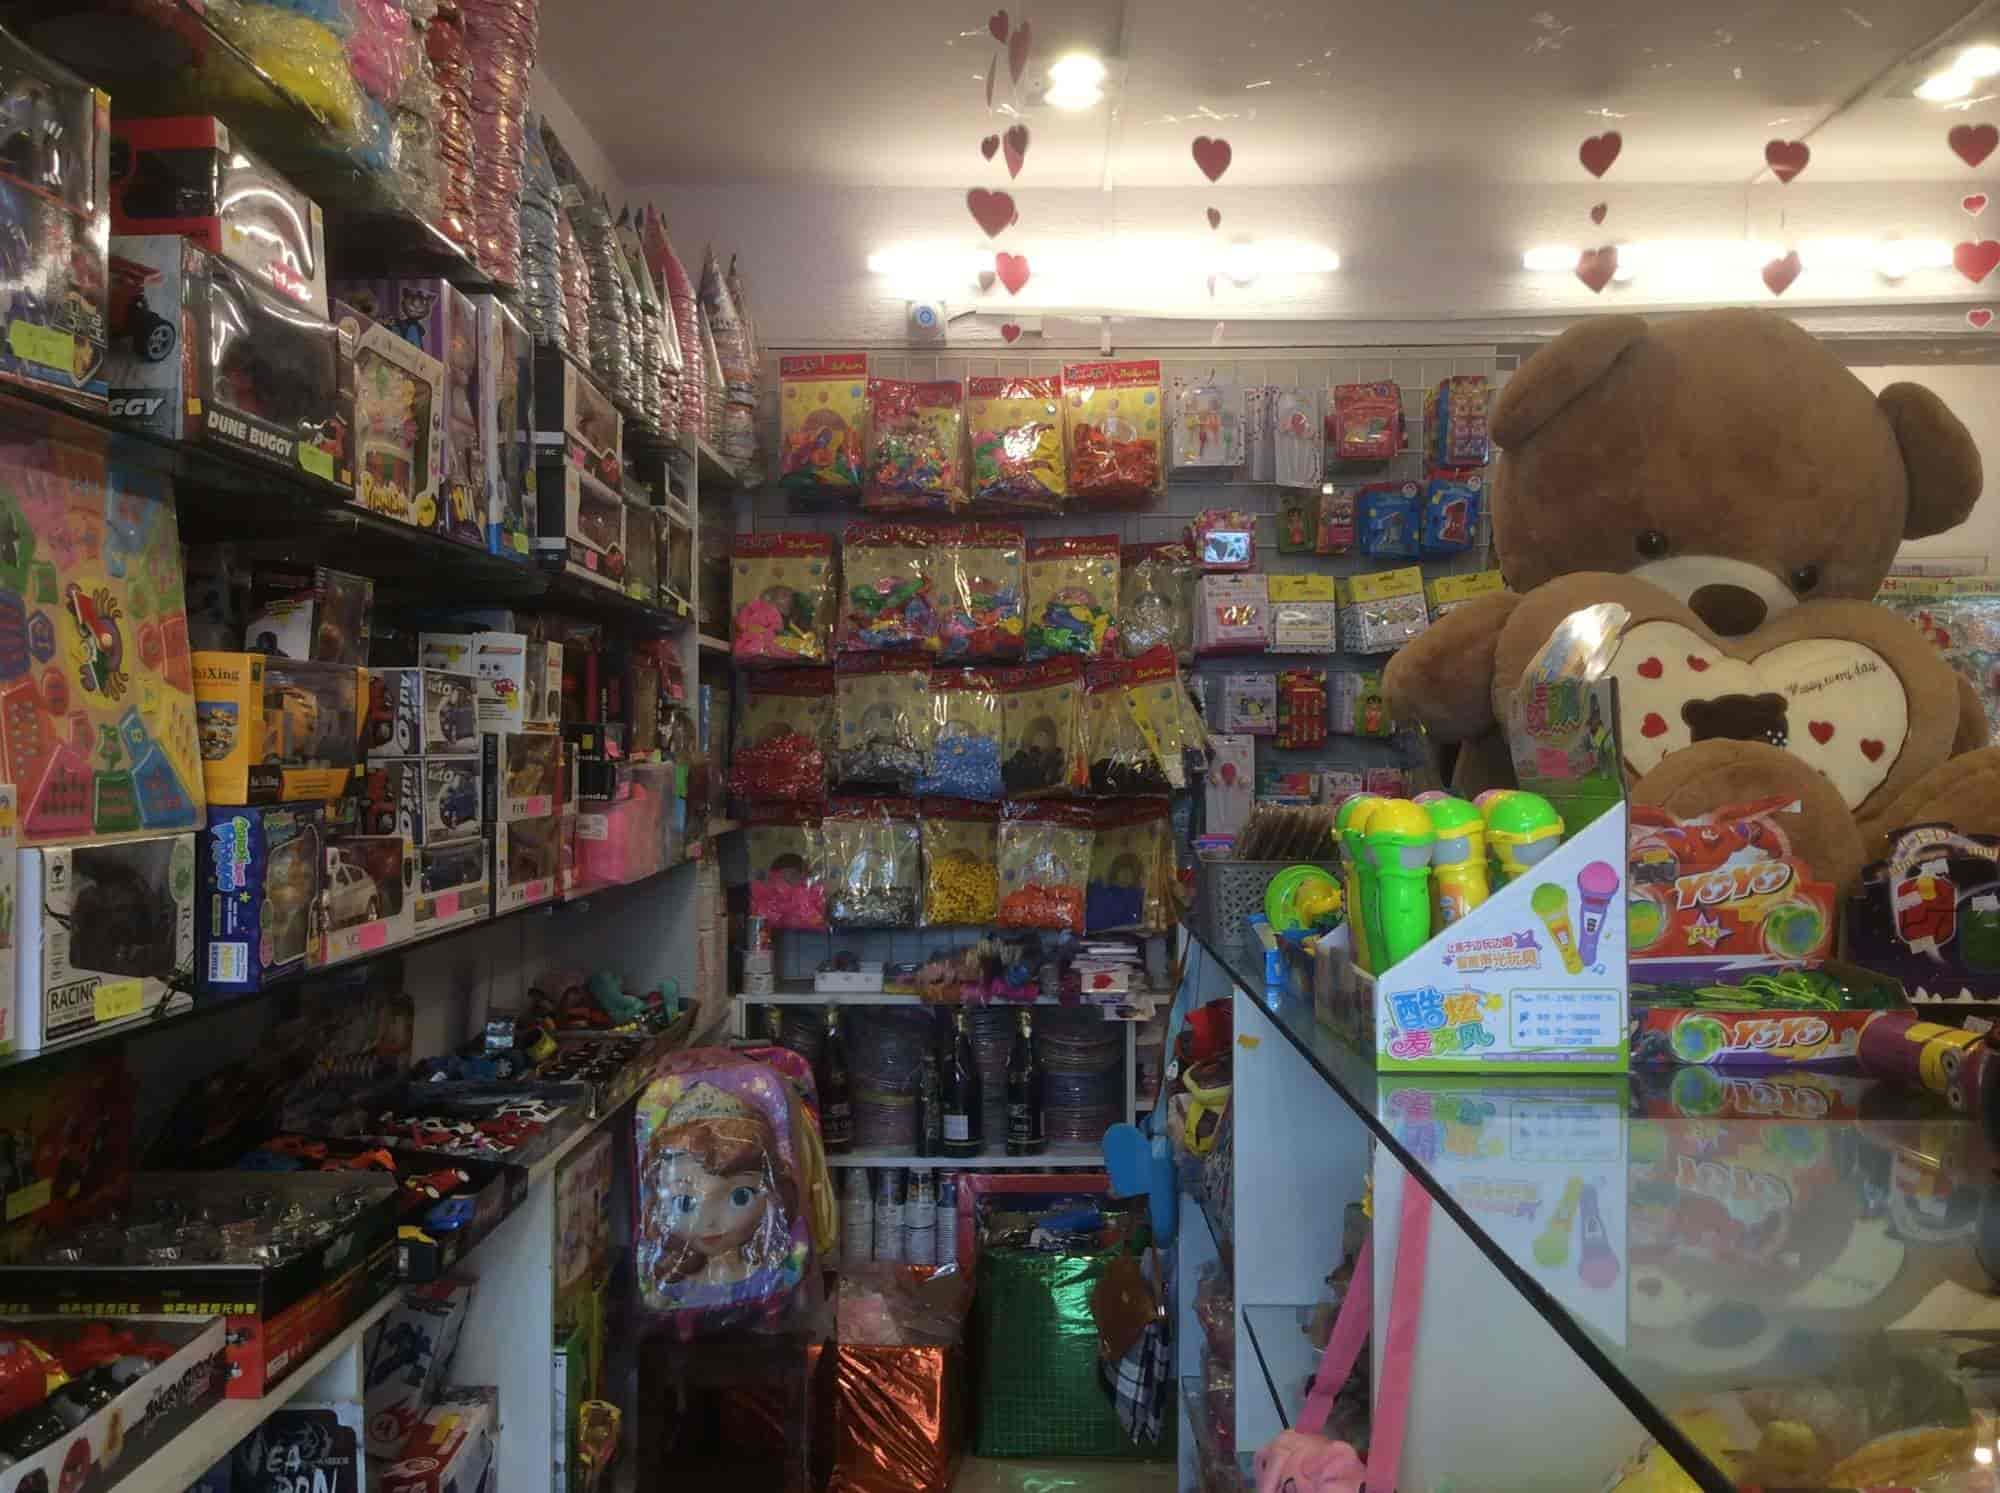 Bubbles A Kids Party Store